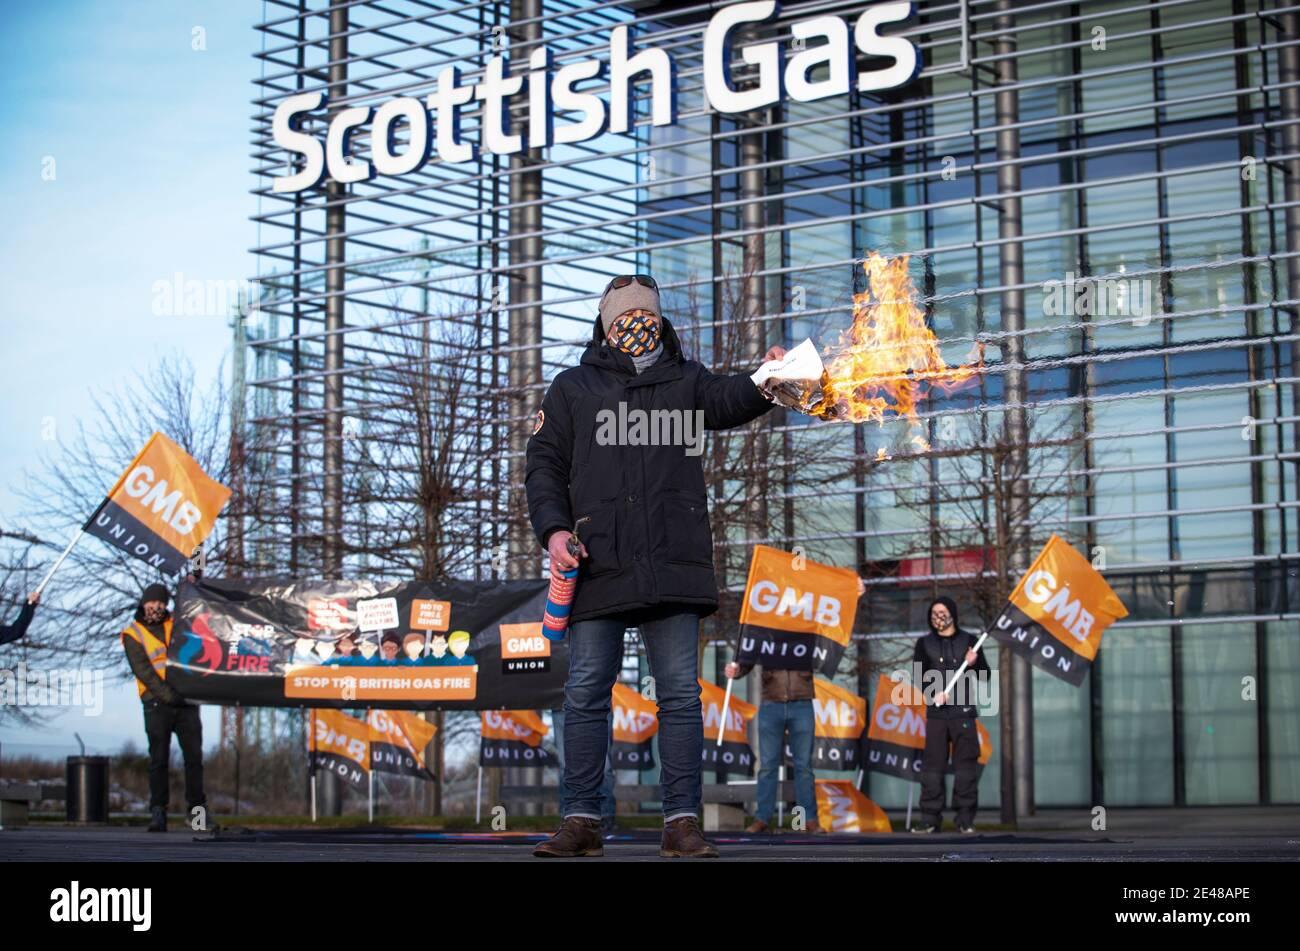 Uno de los trabajadores de British Gas fuera del centro de llamadas de Scottish Gas en Edimburgo prendió fuego al nuevo contrato el sexto día de una huelga de siete días por nuevos contratos. Fecha de la foto: Viernes 22 de enero de 2021. Foto de stock